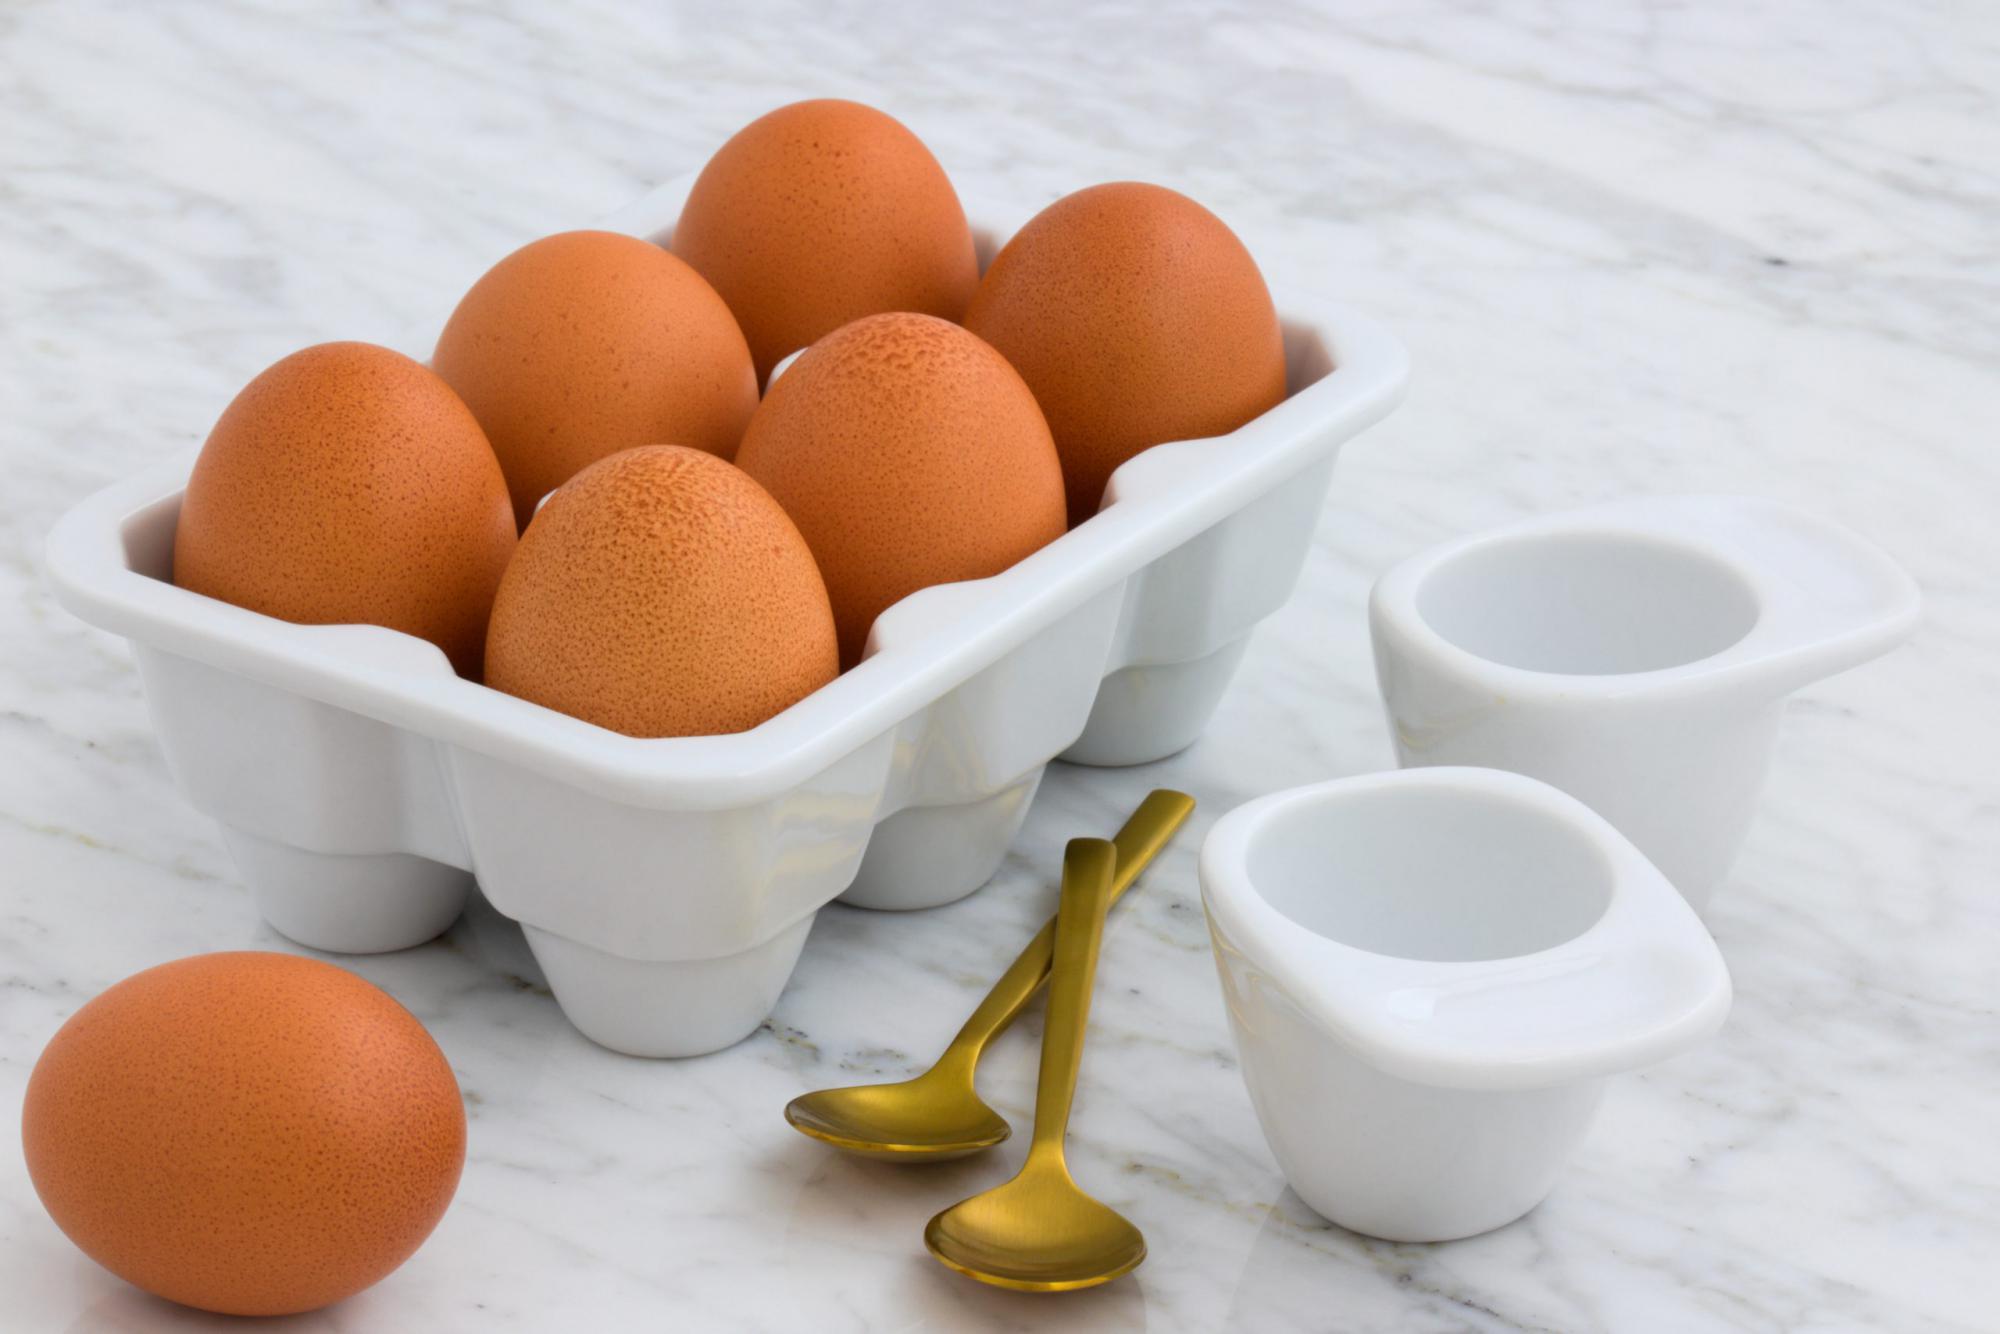 届いたばかりの卵